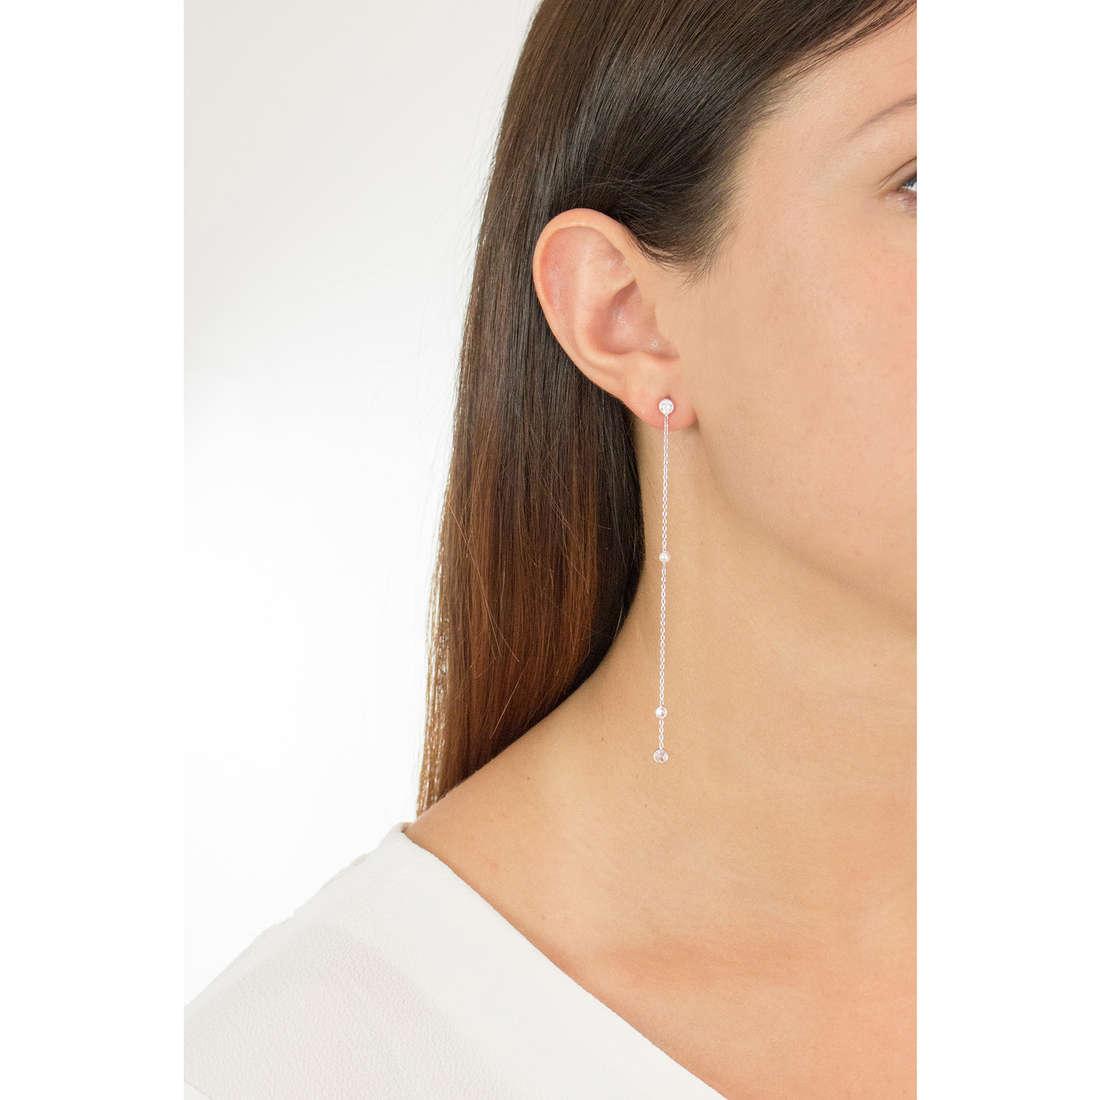 Nomination orecchini Bella donna 142663/010 indosso